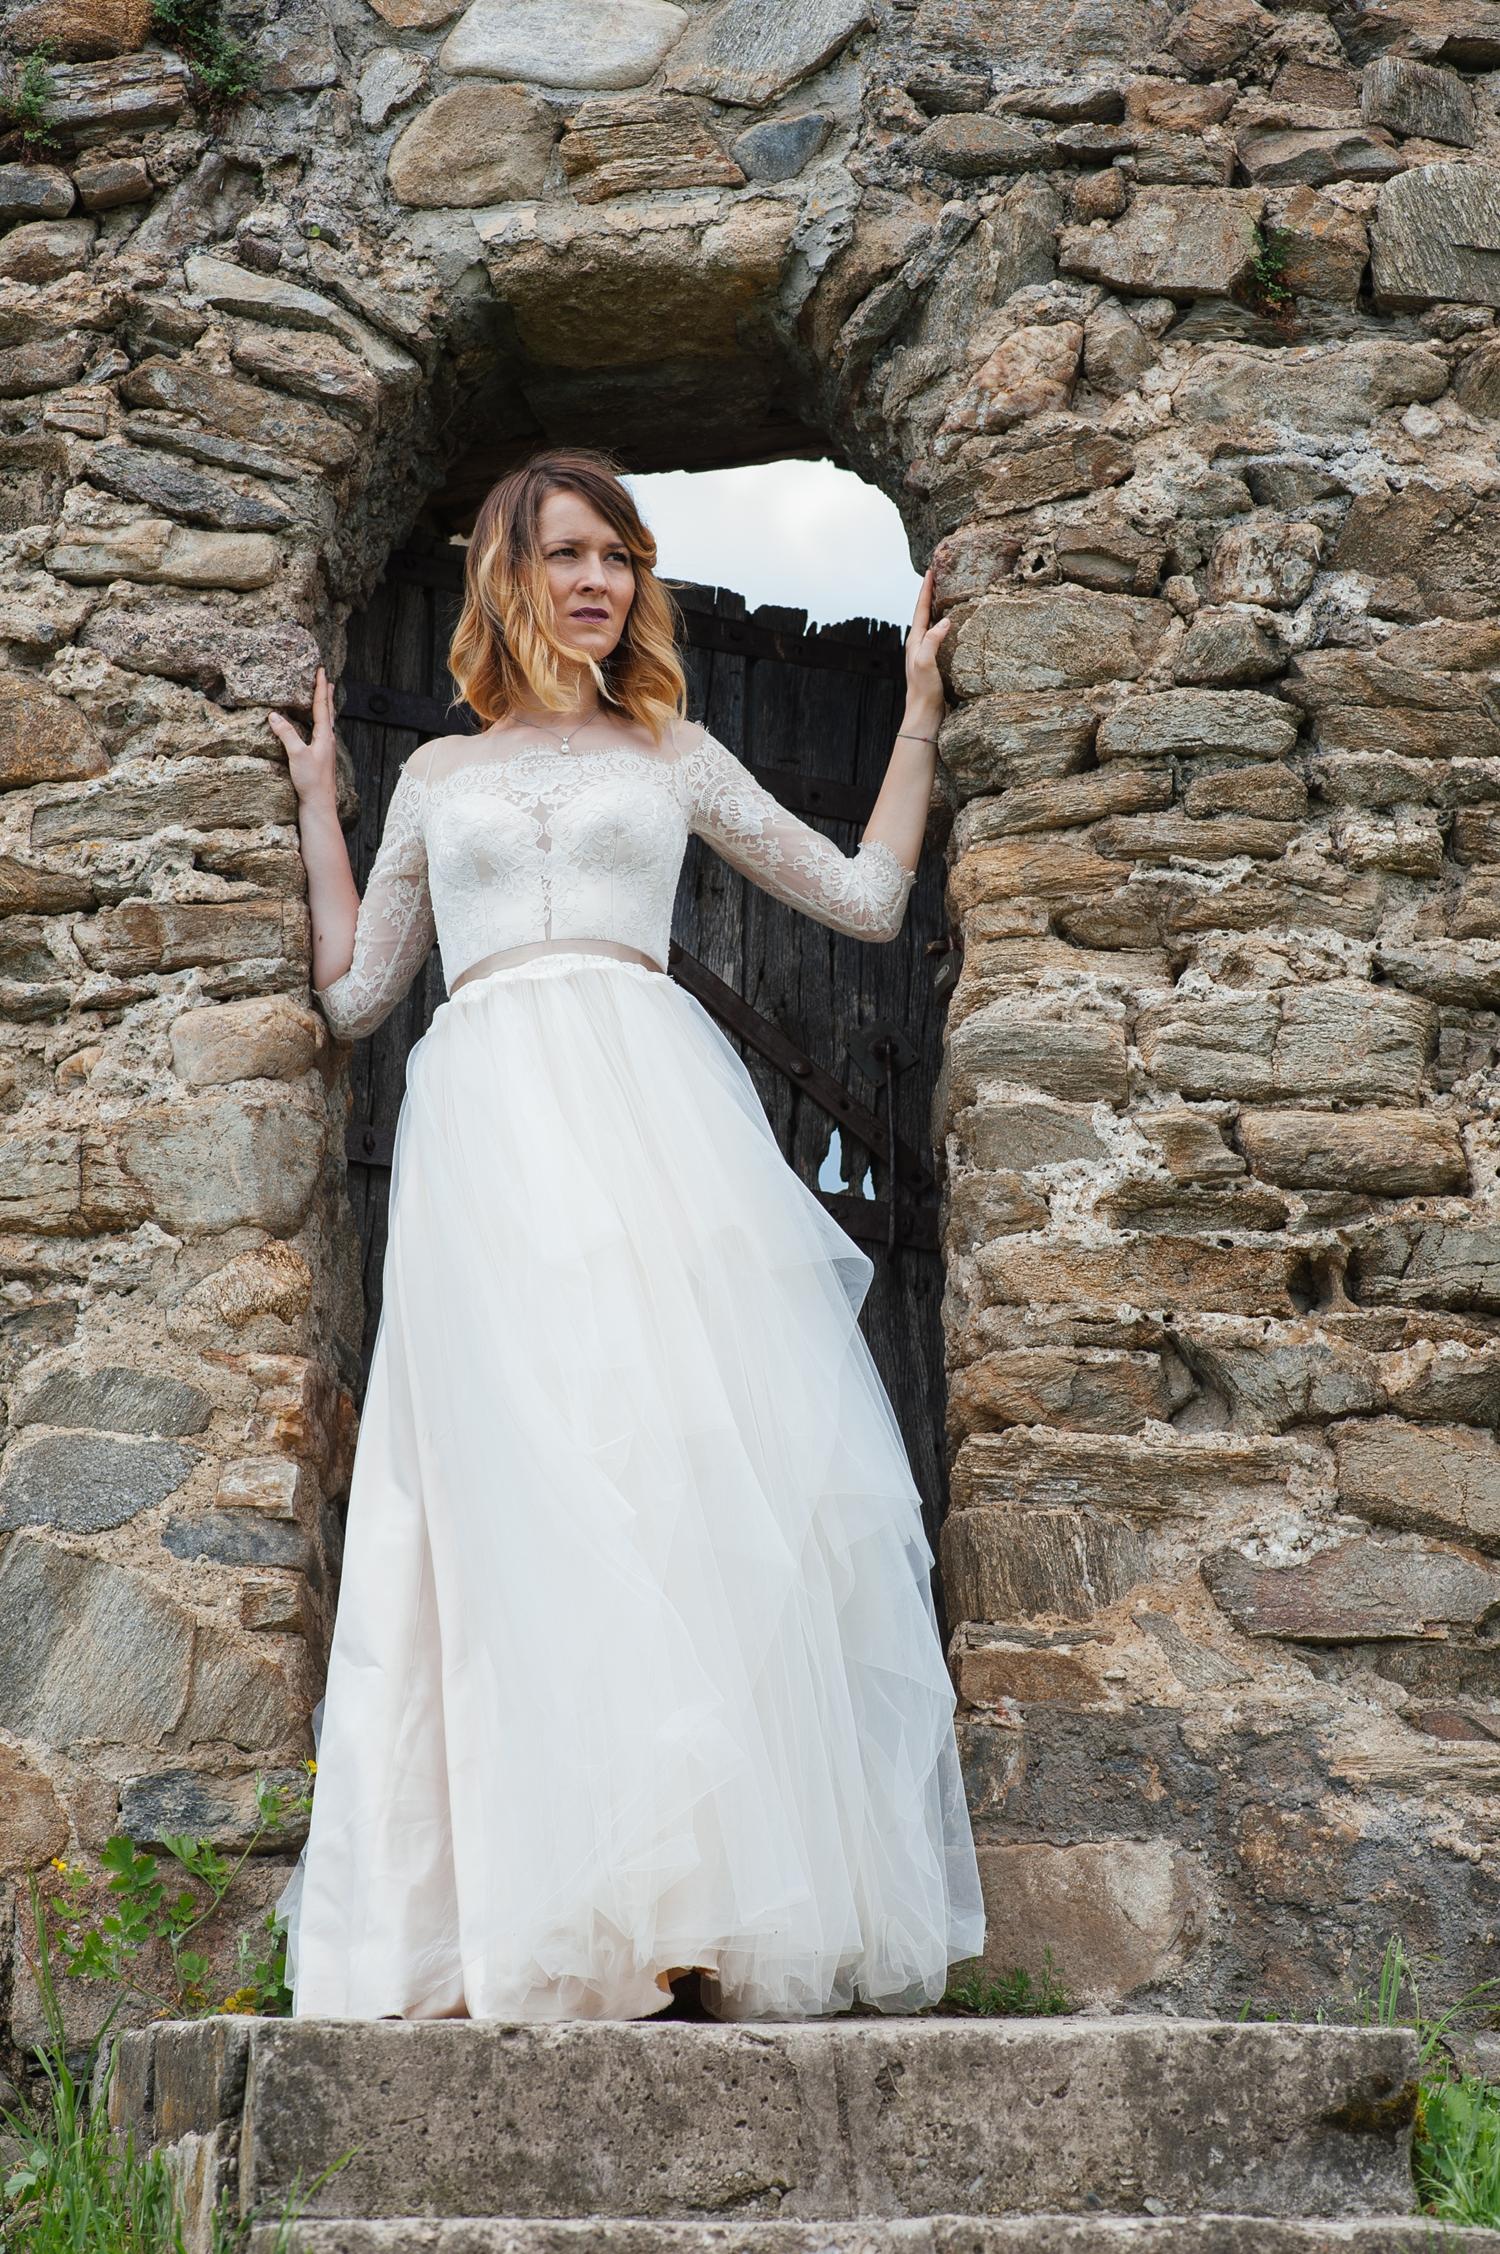 Fotograf profesionist de nunta, fotograf, fotograf de nunta, fotograf profesionist,,trash the dress, sedinta foto after wedding, mireasa trash the dress, sedinta foto dupa nunta, portet mireasa, cetate veche